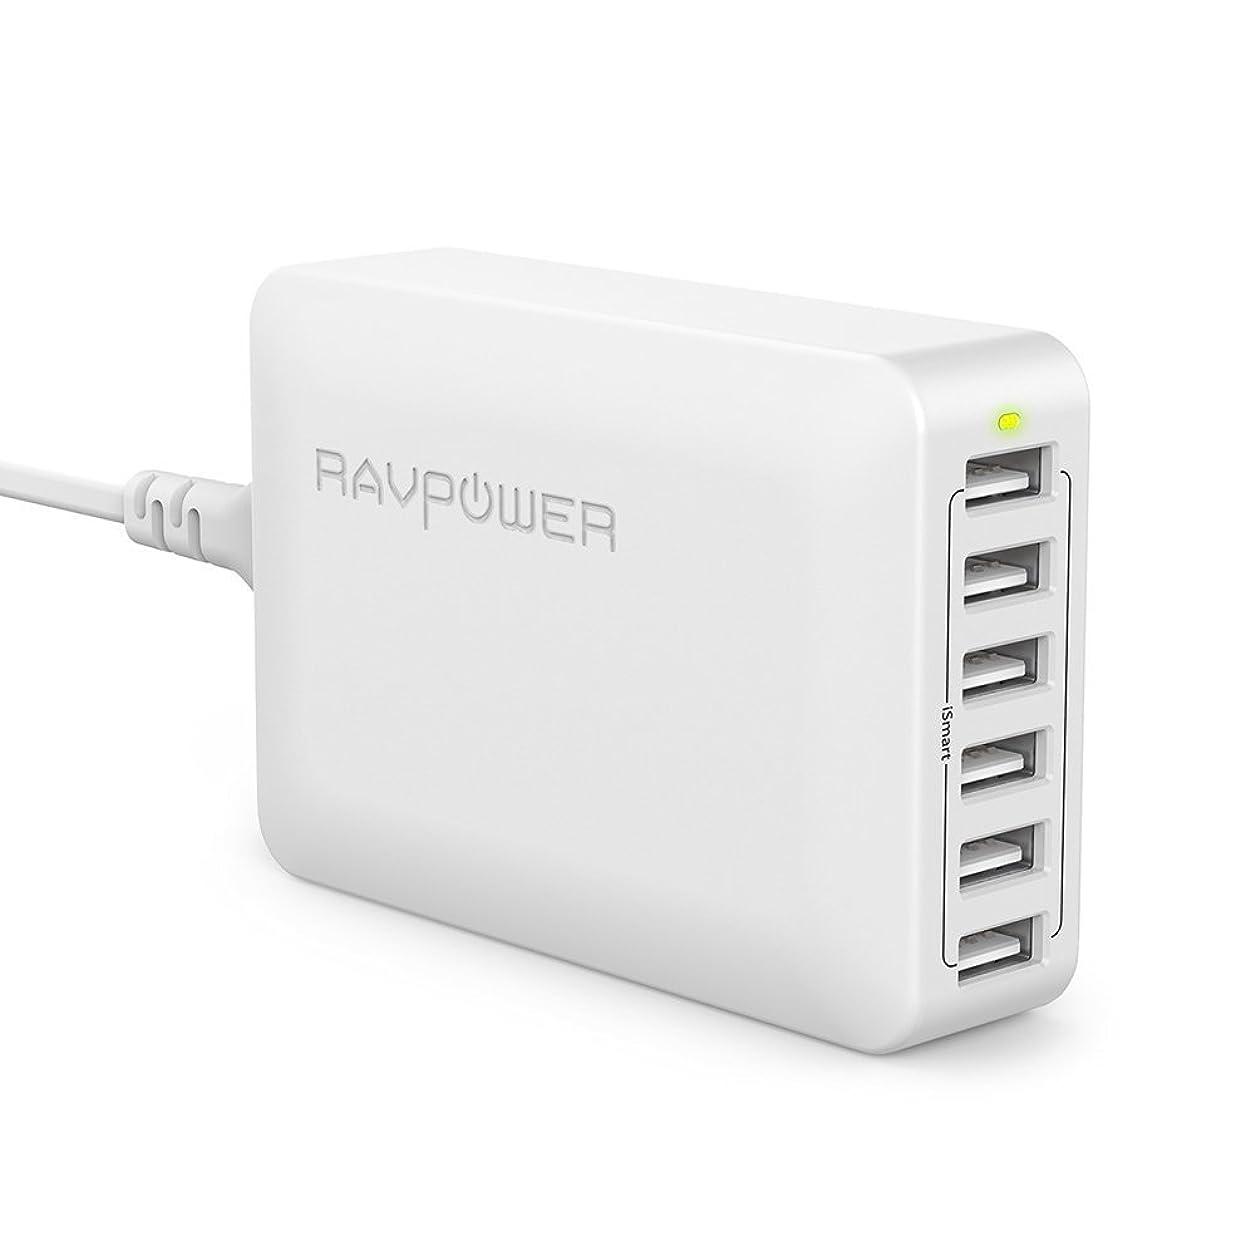 染色フェミニン未使用RAVPower USB充電器 (60W 6ポート) USB コンセント 急速 iPhone/iPad/Android 等対応 PSE認証 RP-PC028(ホワイト)